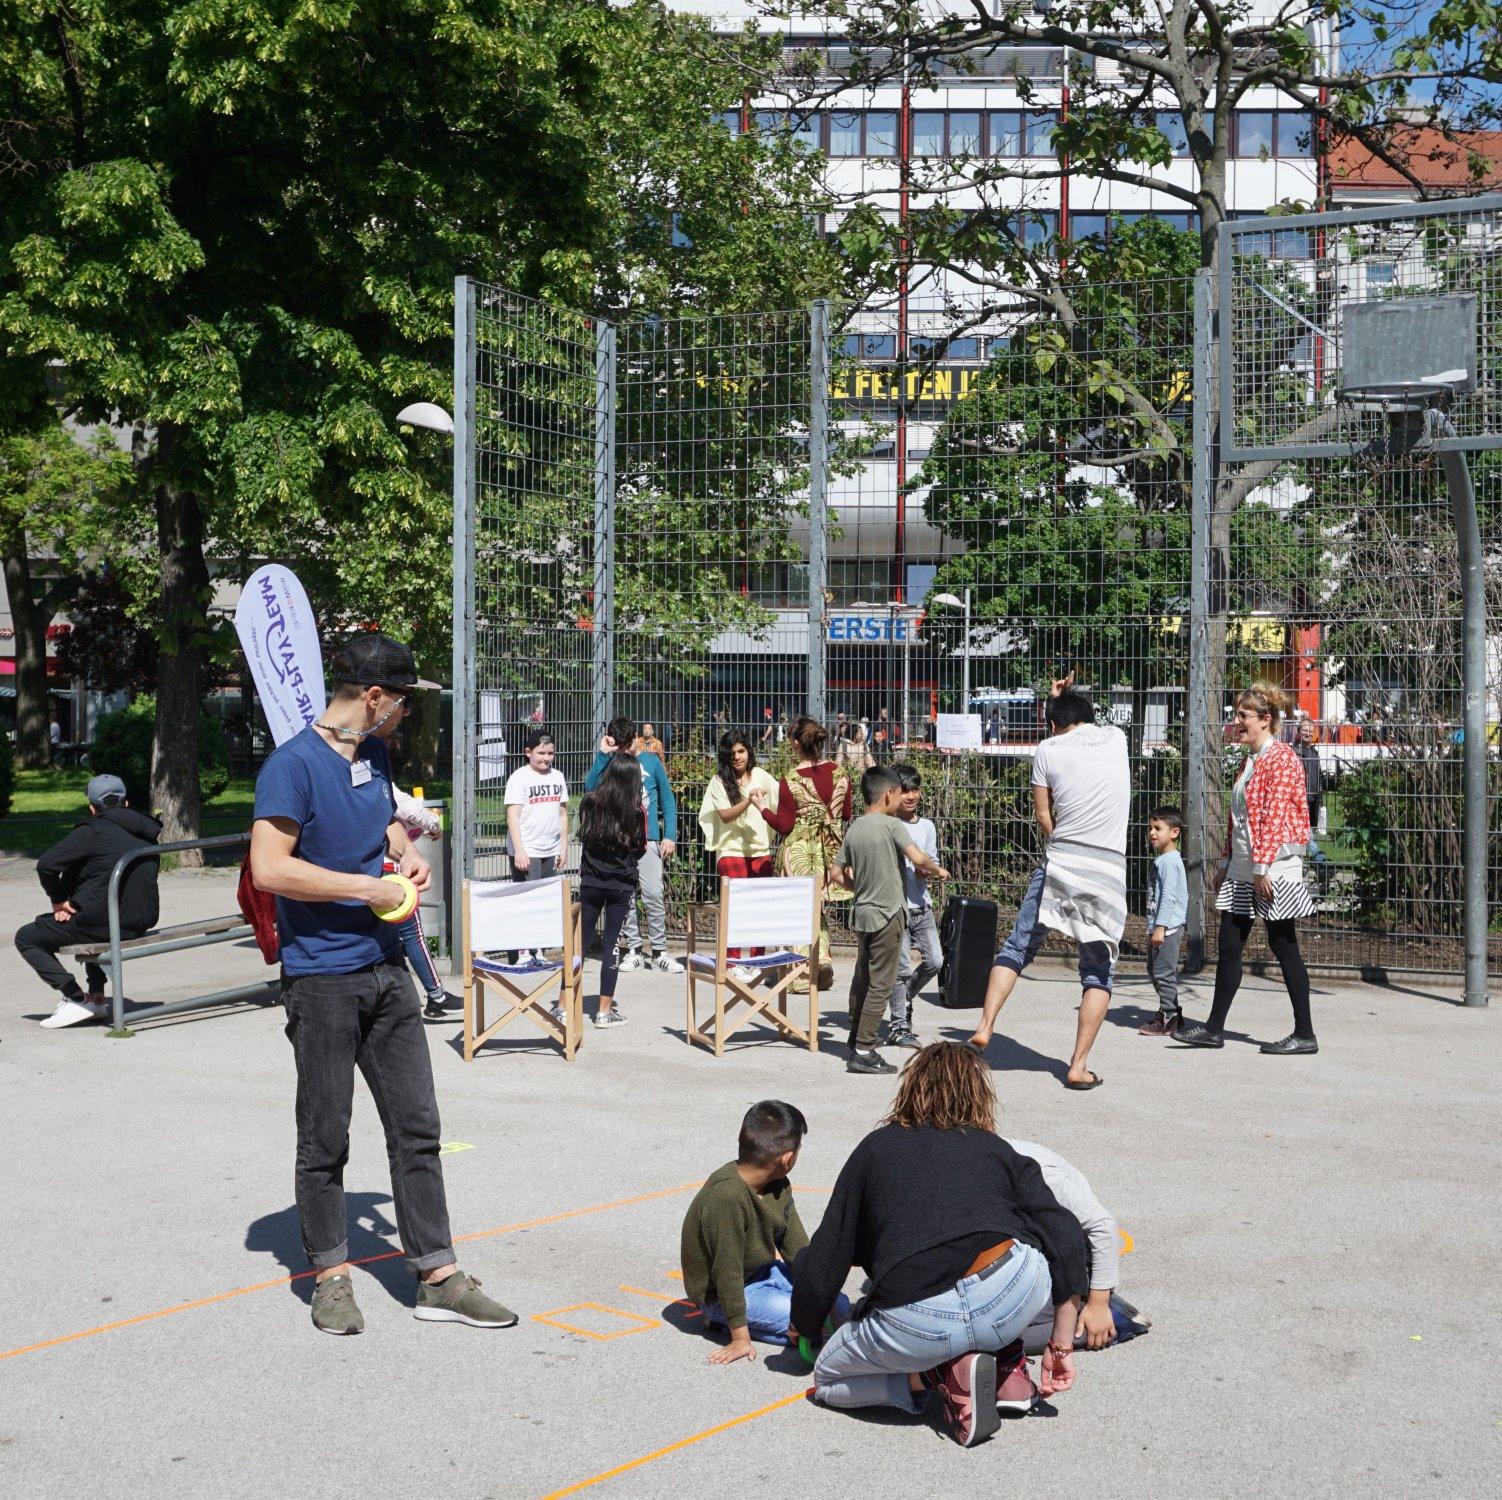 Treffen Im öffentlichen Raum